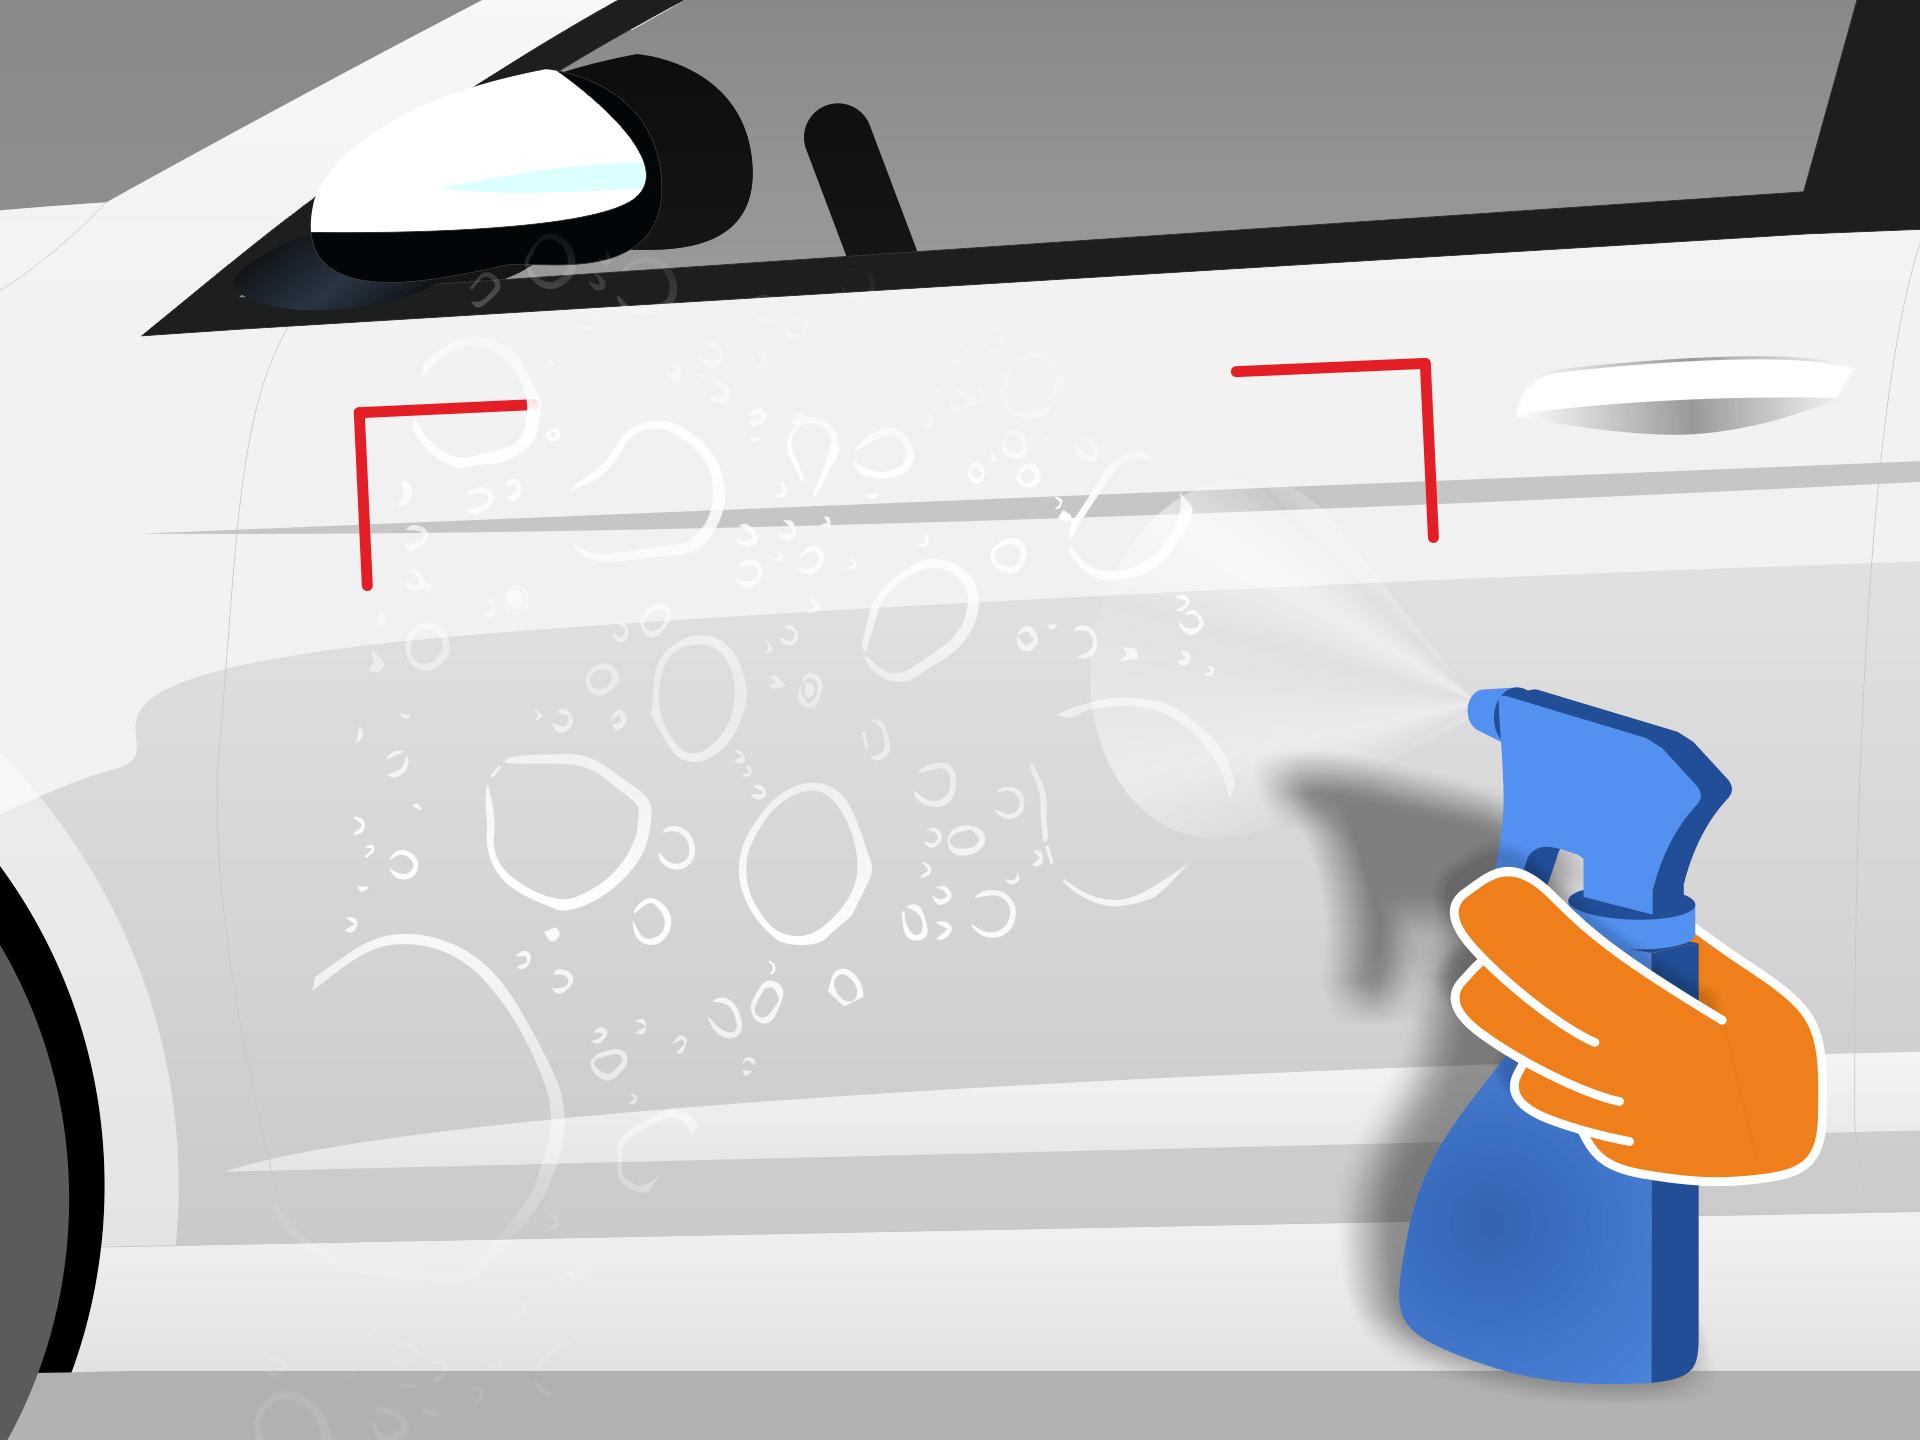 Klebefläche und auch den Untergrund vollständig mit einem Wasser-Spülmittel-Gemisch (1 Tropfen Spülmittel auf 1L Wasser) besprühen.